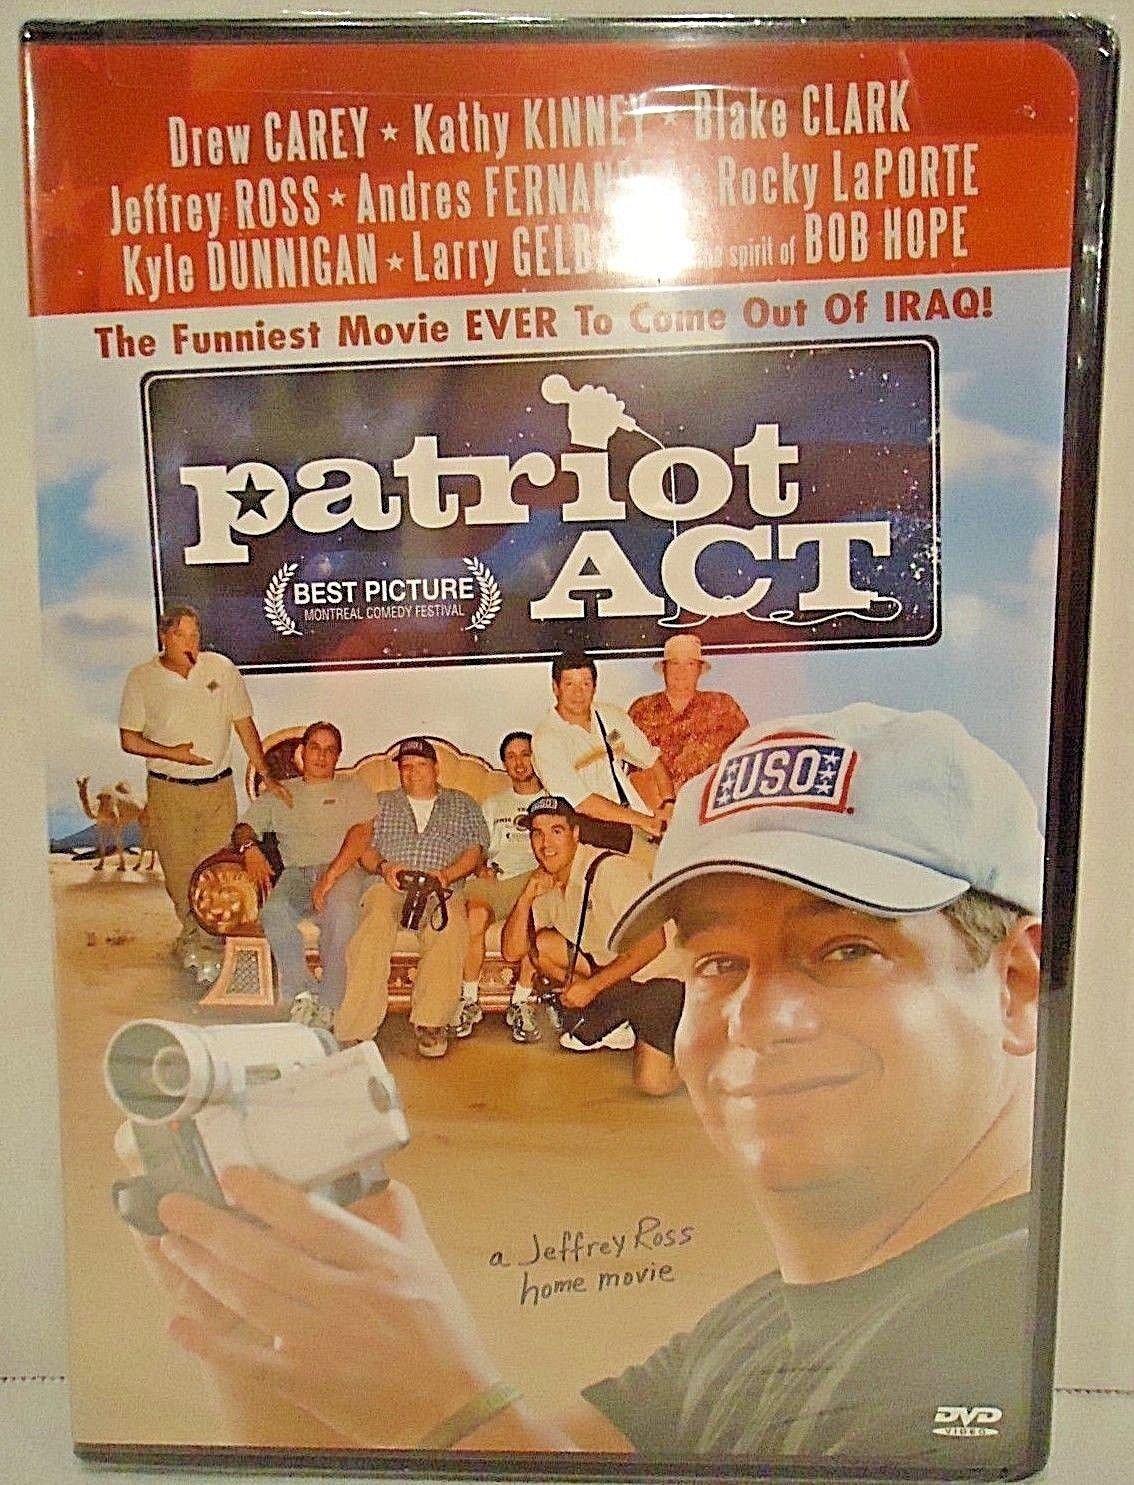 PATRIOT ACT - JEFFERY ROSS - DVD - DREW CAREY -  NEW - COMEDY - WAR - MOVIE